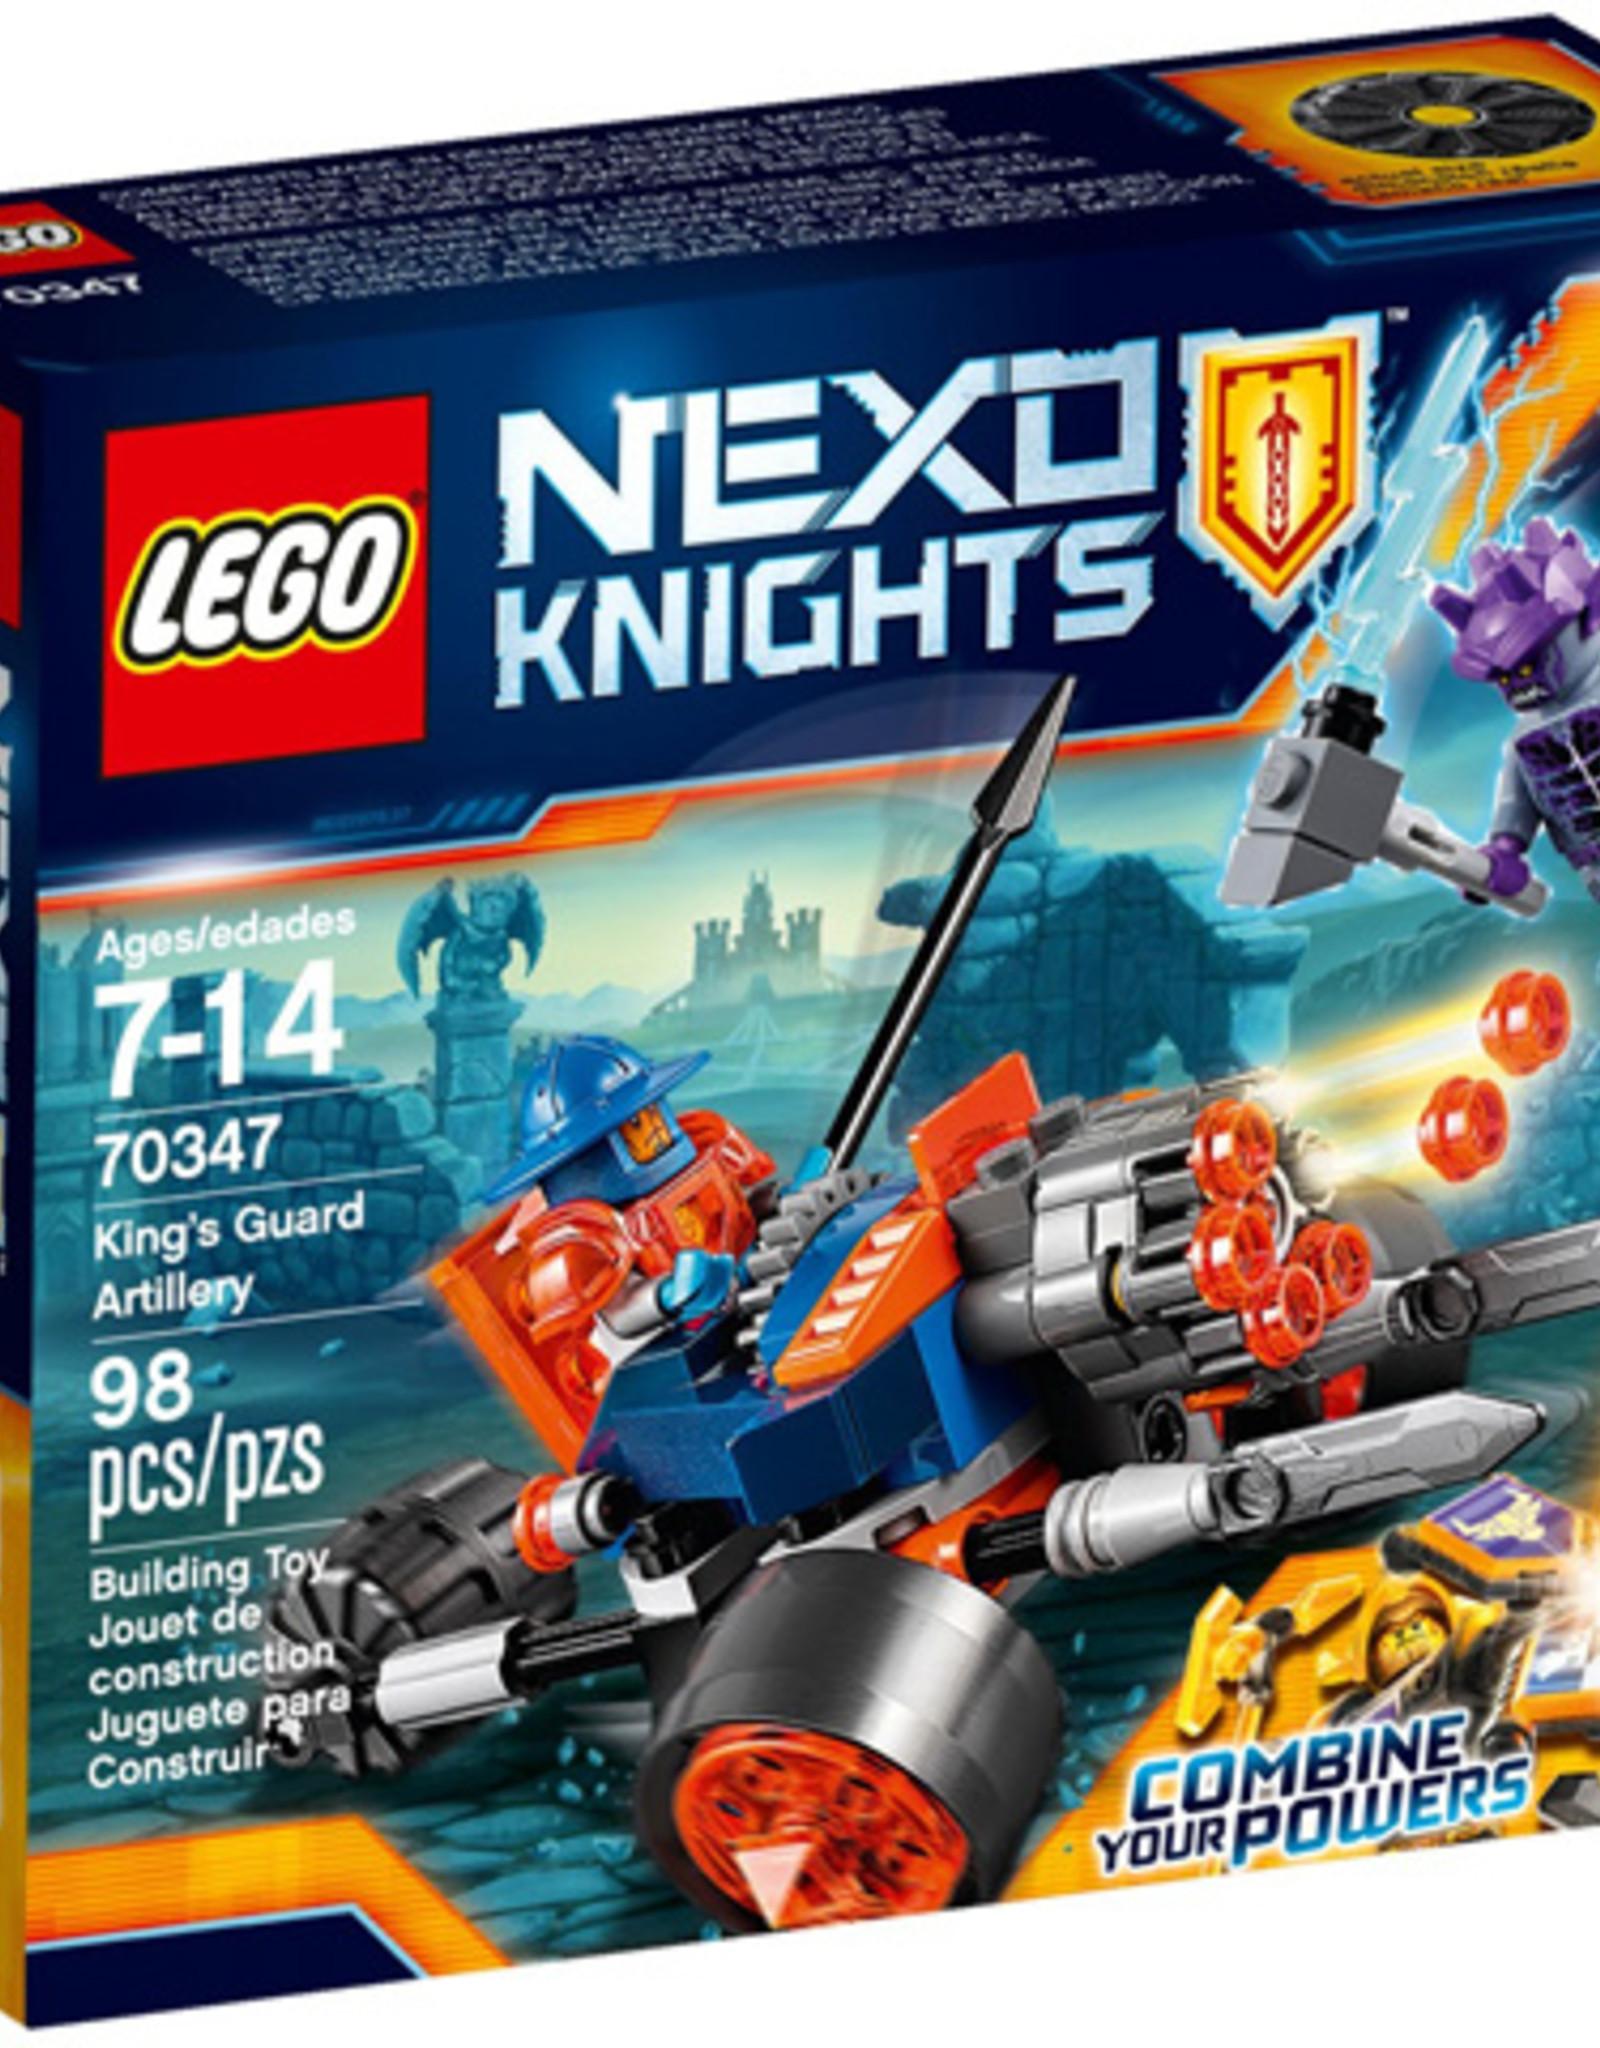 LEGO LEGO 70347 King's Guard Artillery NEXO KNIGHTS